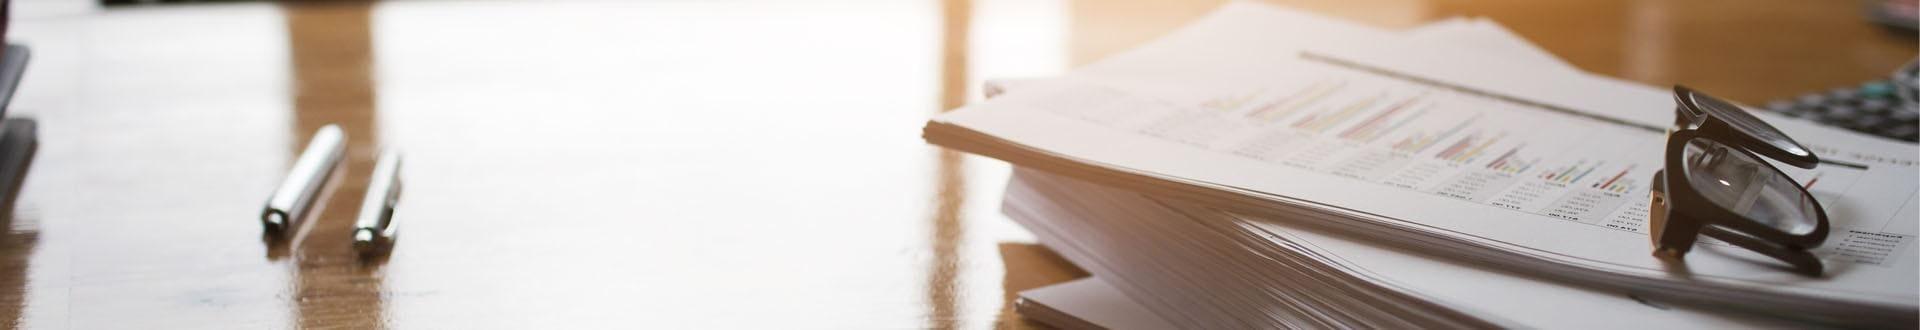 Zbiór dokumentów